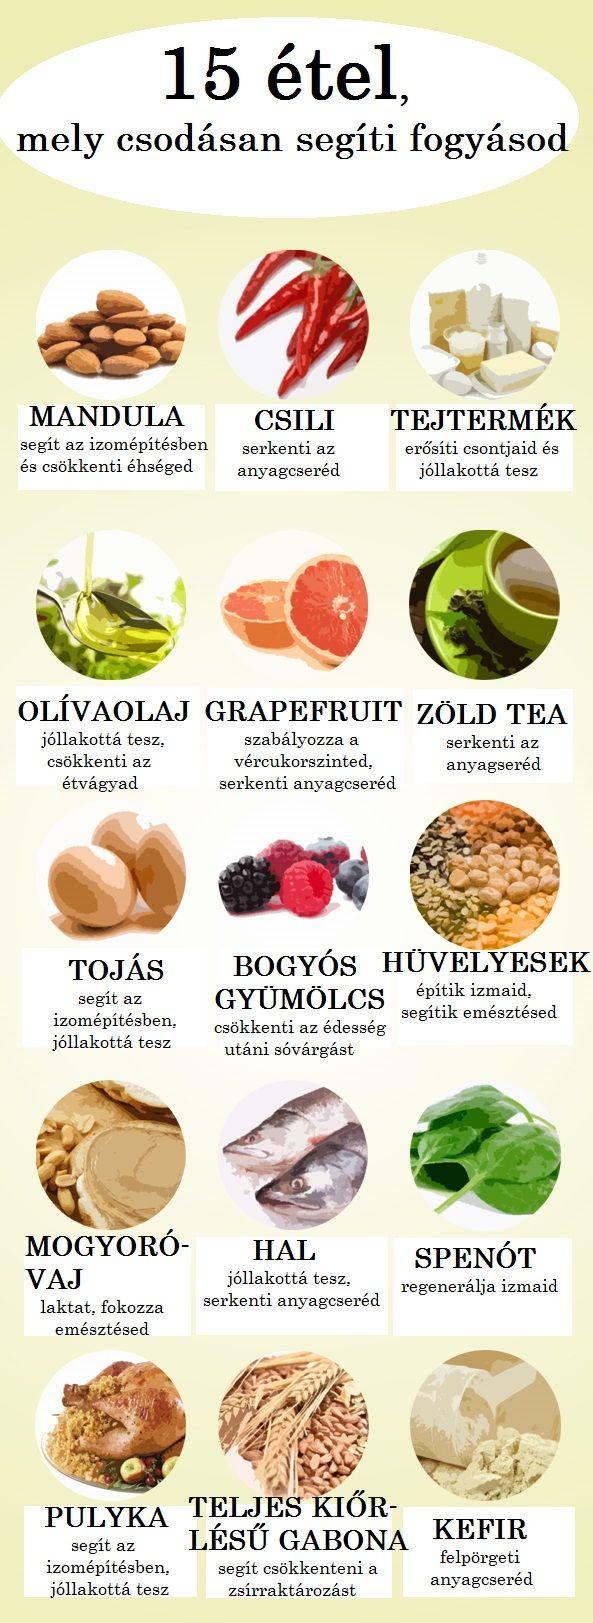 asda fagyasztott fogyókúrás ételek)